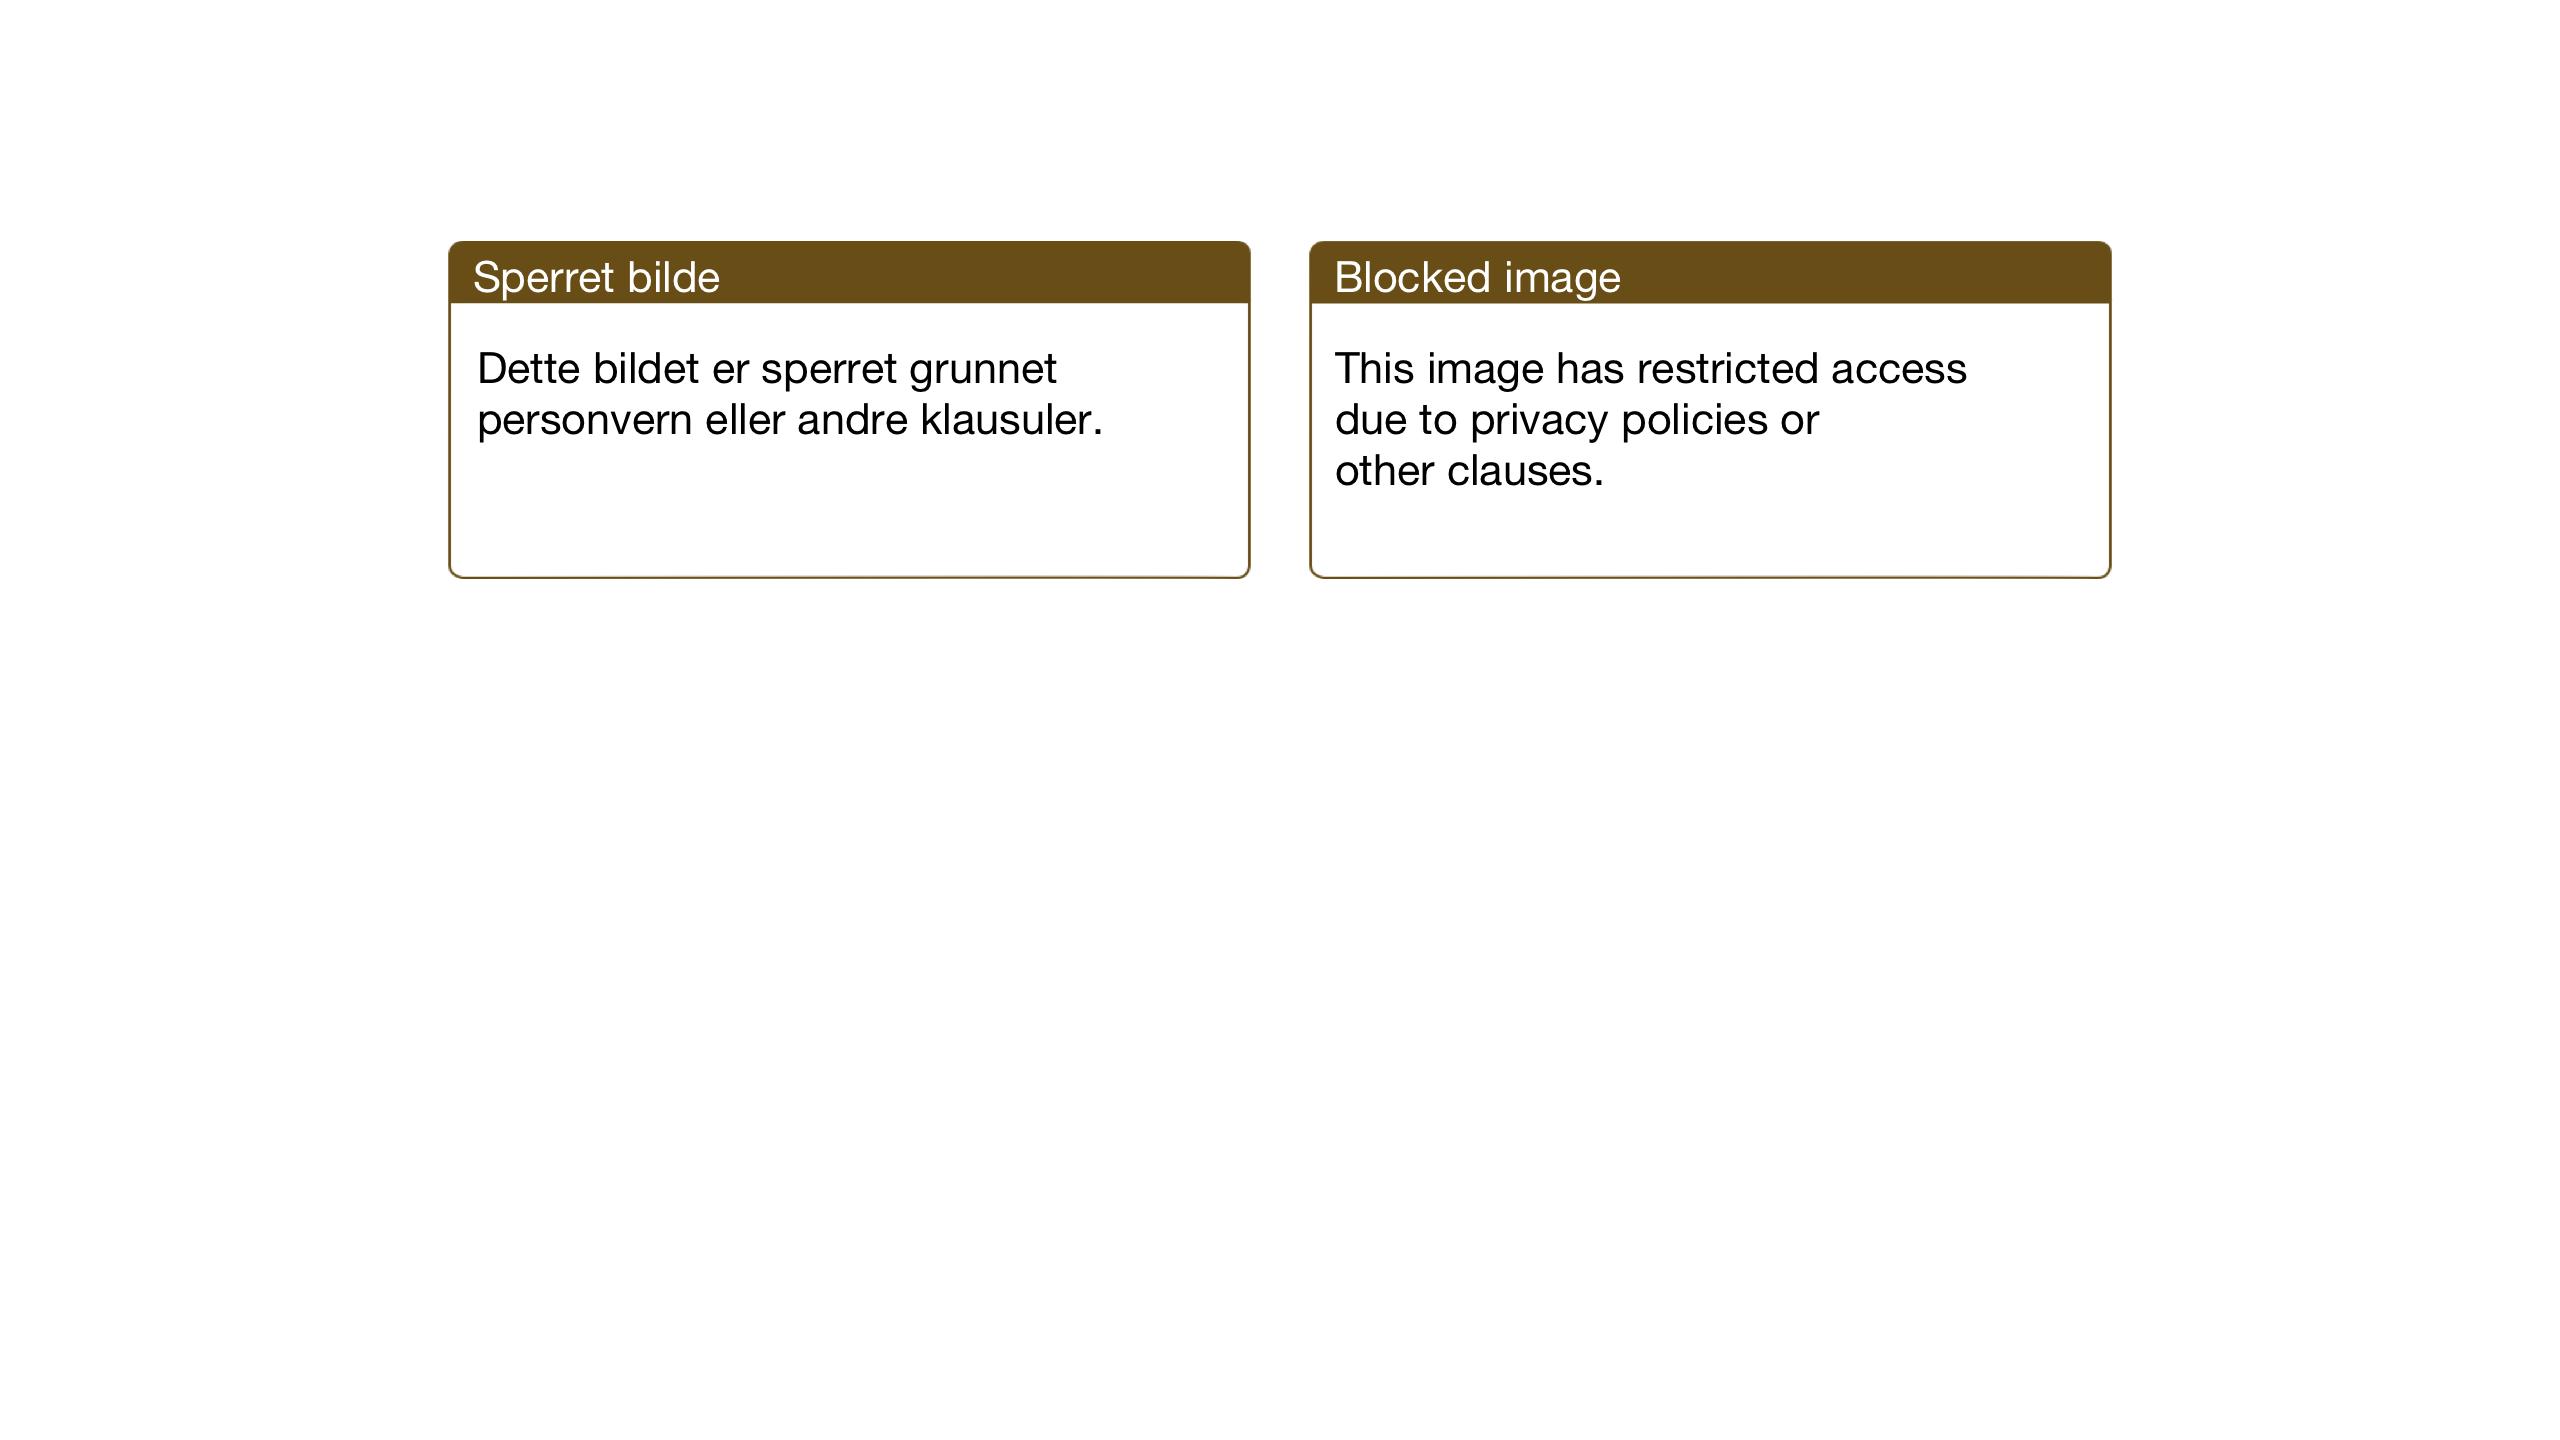 SAT, Ministerialprotokoller, klokkerbøker og fødselsregistre - Nord-Trøndelag, 744/L0425: Klokkerbok nr. 744C04, 1924-1947, s. 136